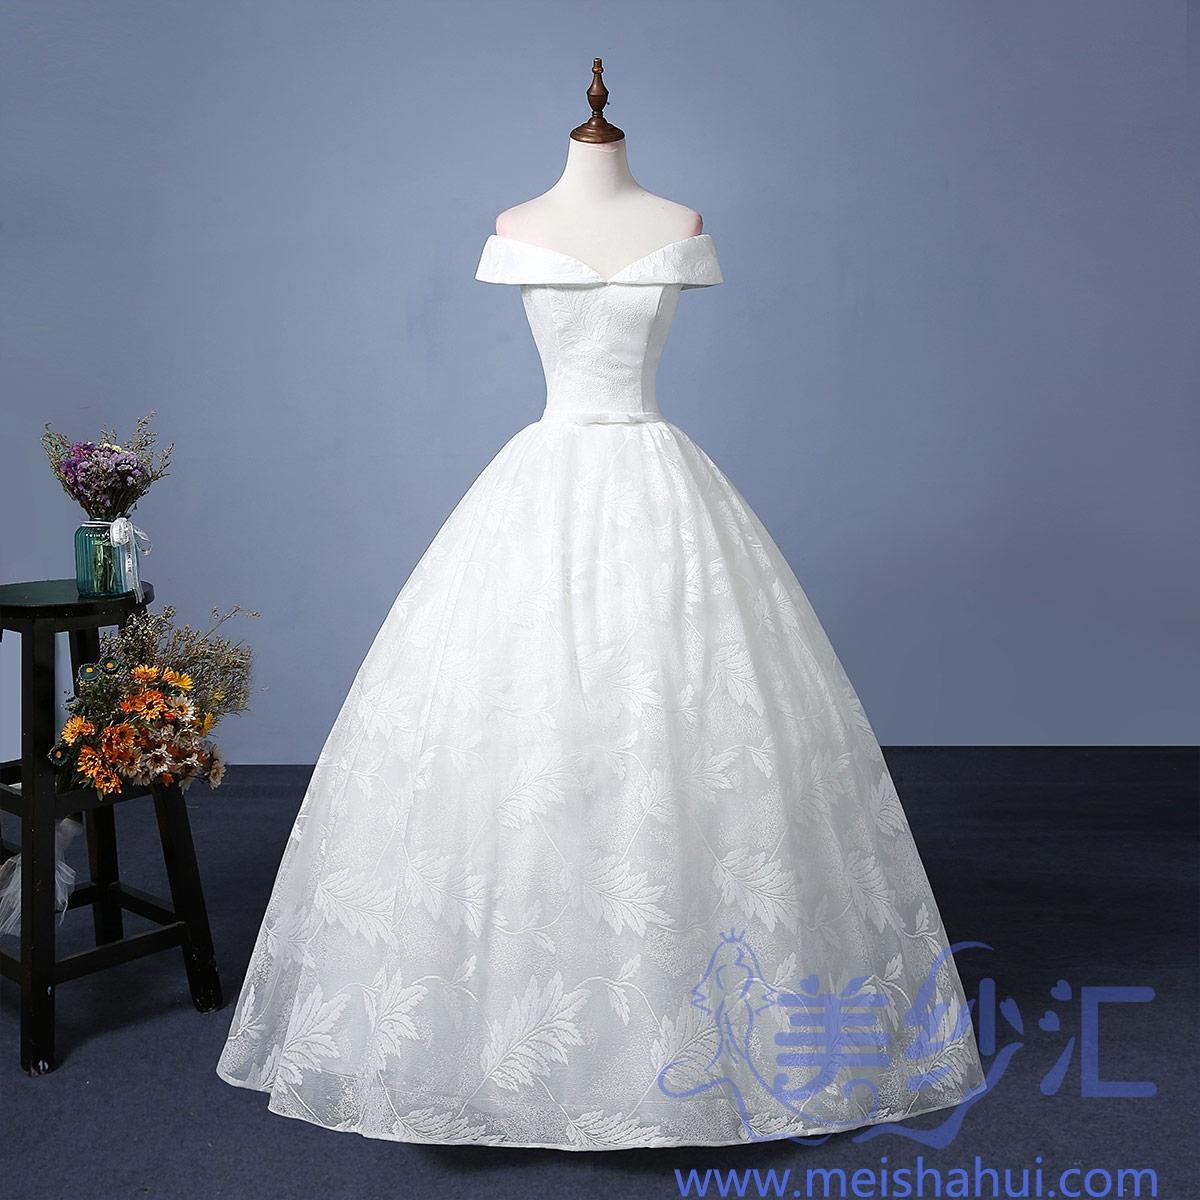 新娘结婚当天嫁衣齐地婚纱精美树叶花纹图案嫁衣101101C-182 如图 均码